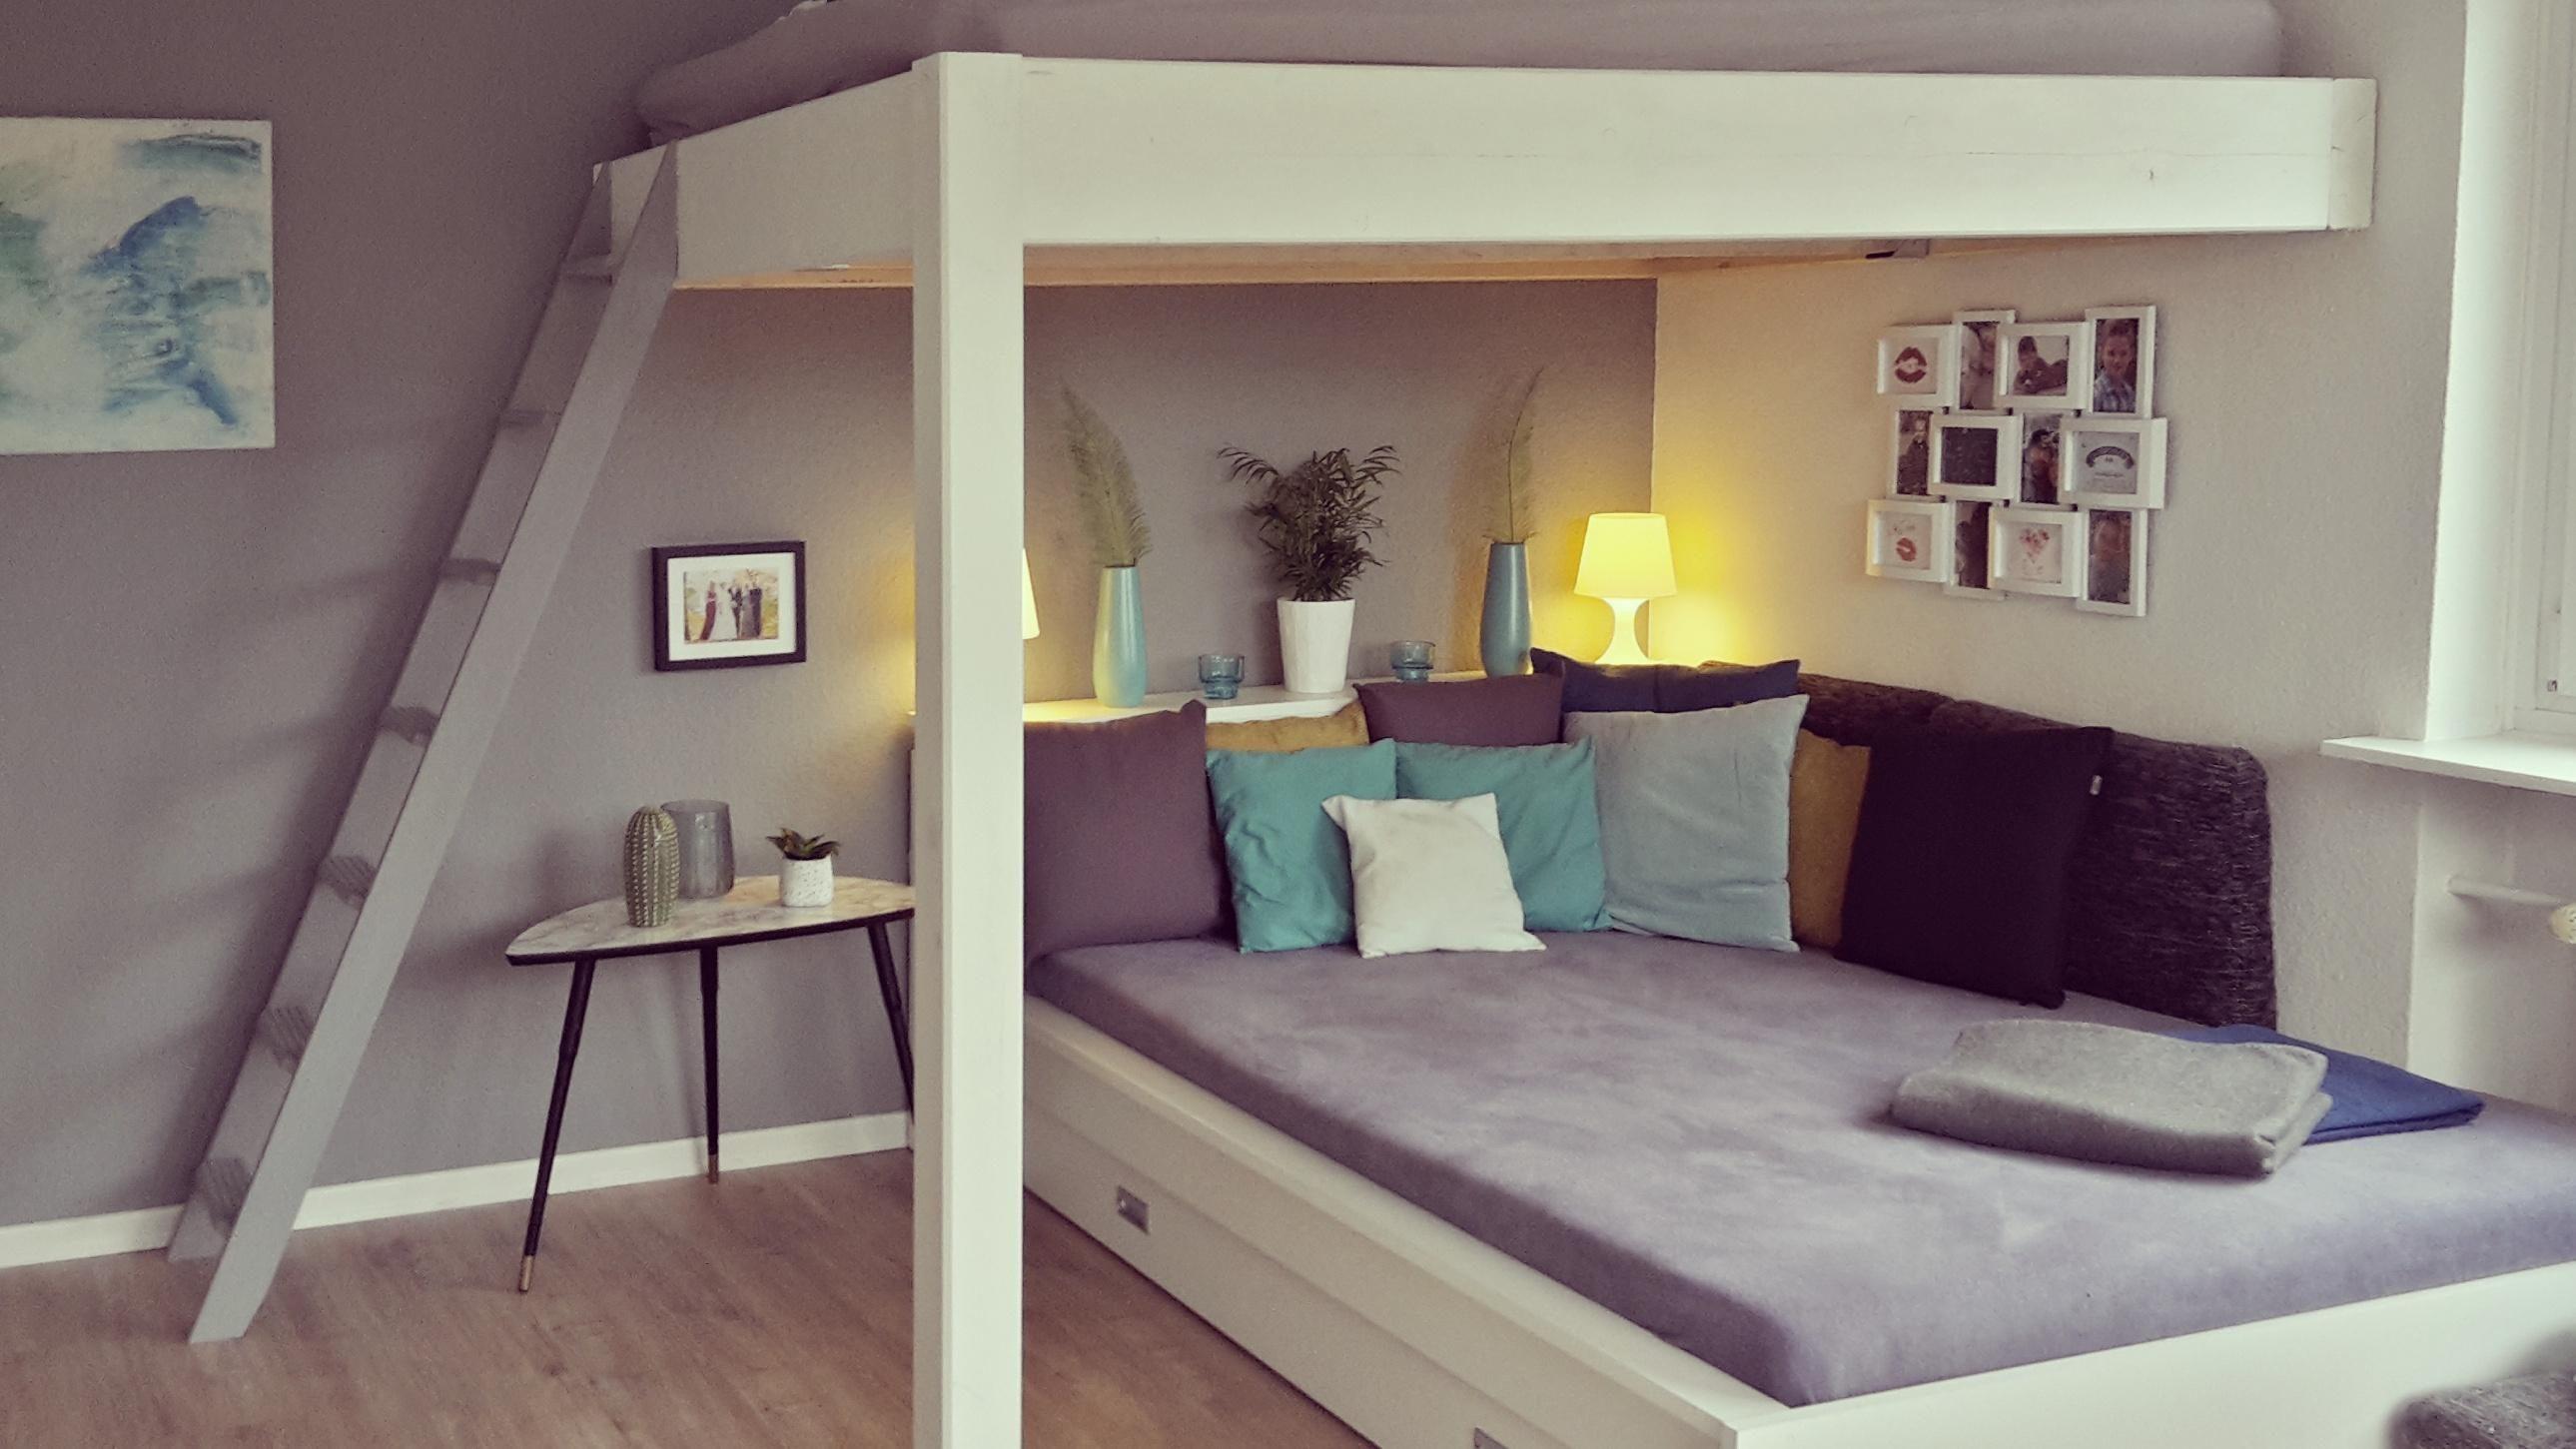 wohnzimmer#schlafzimmer# hochbett# 💙 • COUCH